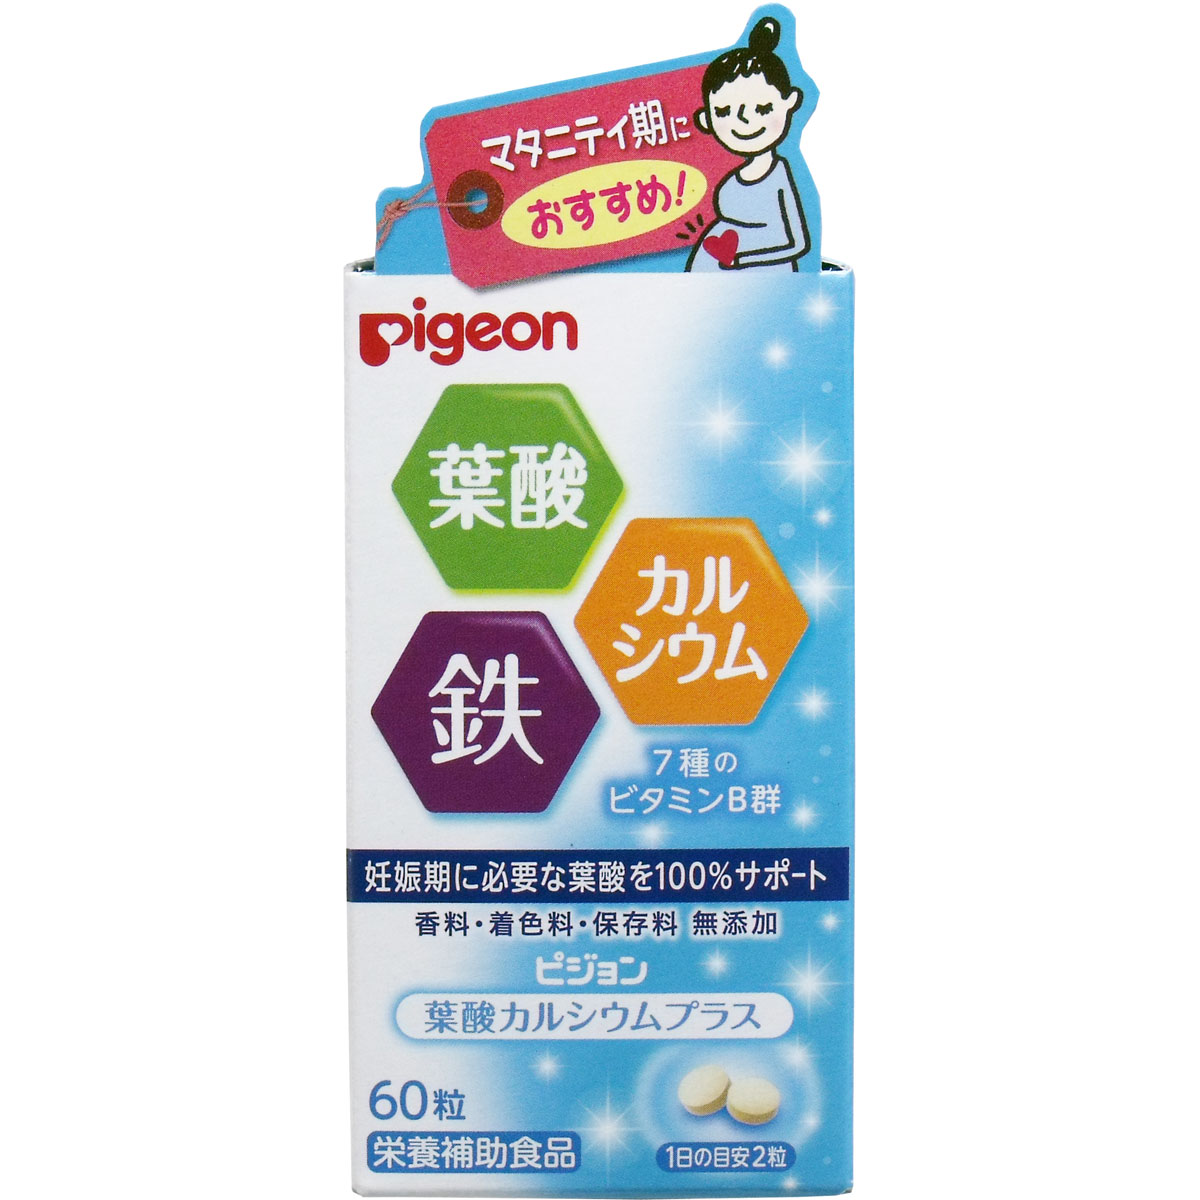 日本pigeon 貝親 葉酸 加鐵加鈣維他命B群 30日份